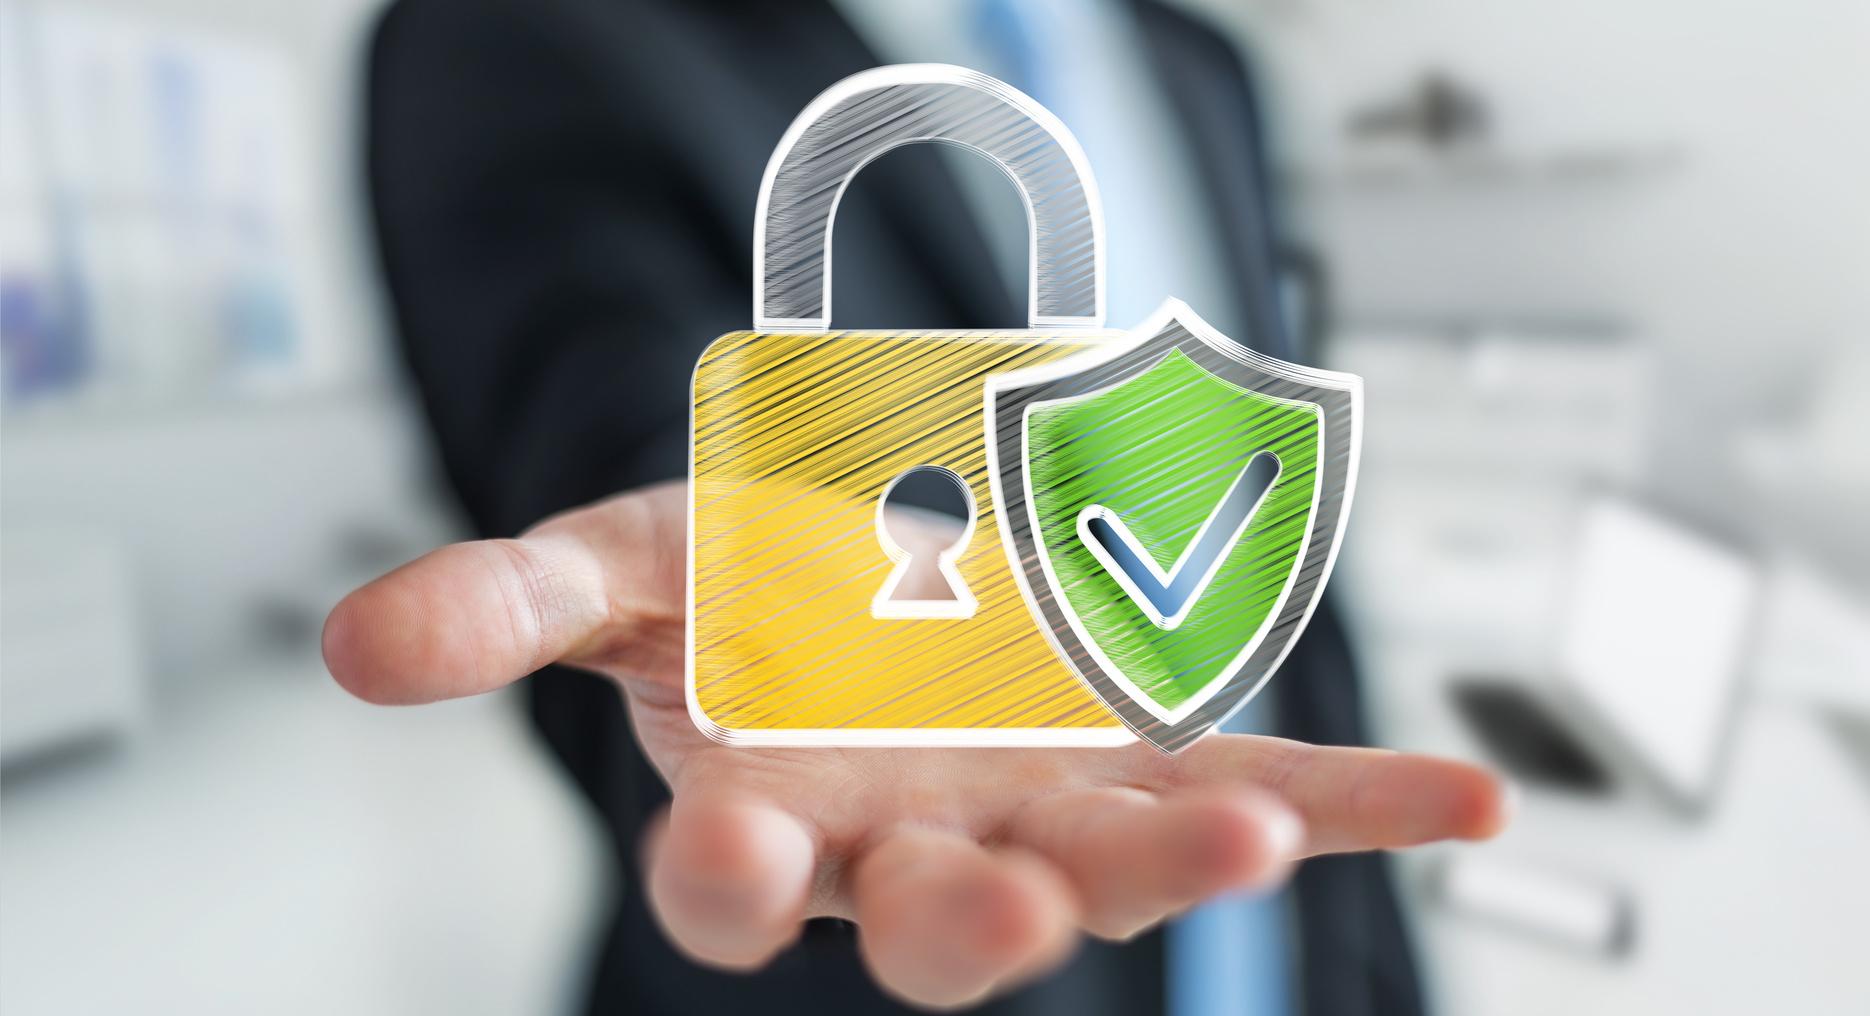 Datenschutz im BGM machtfit Unternehmen Gesundheit